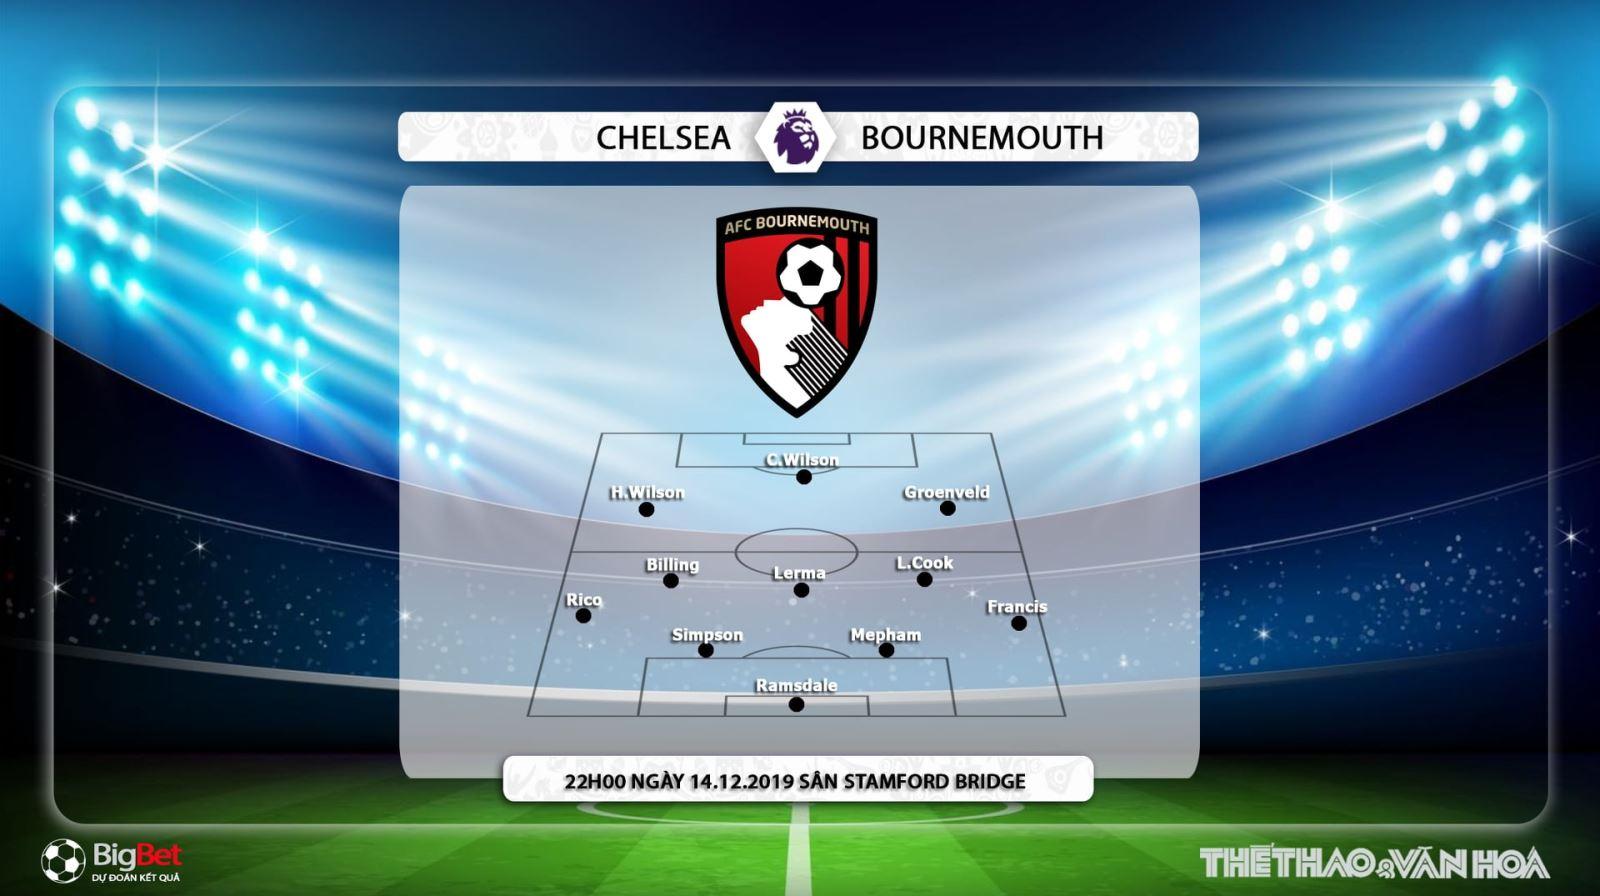 Kèo Chelsea Bournemouth, Chelsea vs Bournemouth, soi kèo, soi kèo Ngoại hạng Anh, truc tiep bong da, trực tiếp bóng đá, K+, K+PM, trực tiếp bóng đá hôm nay, xem bóng đa